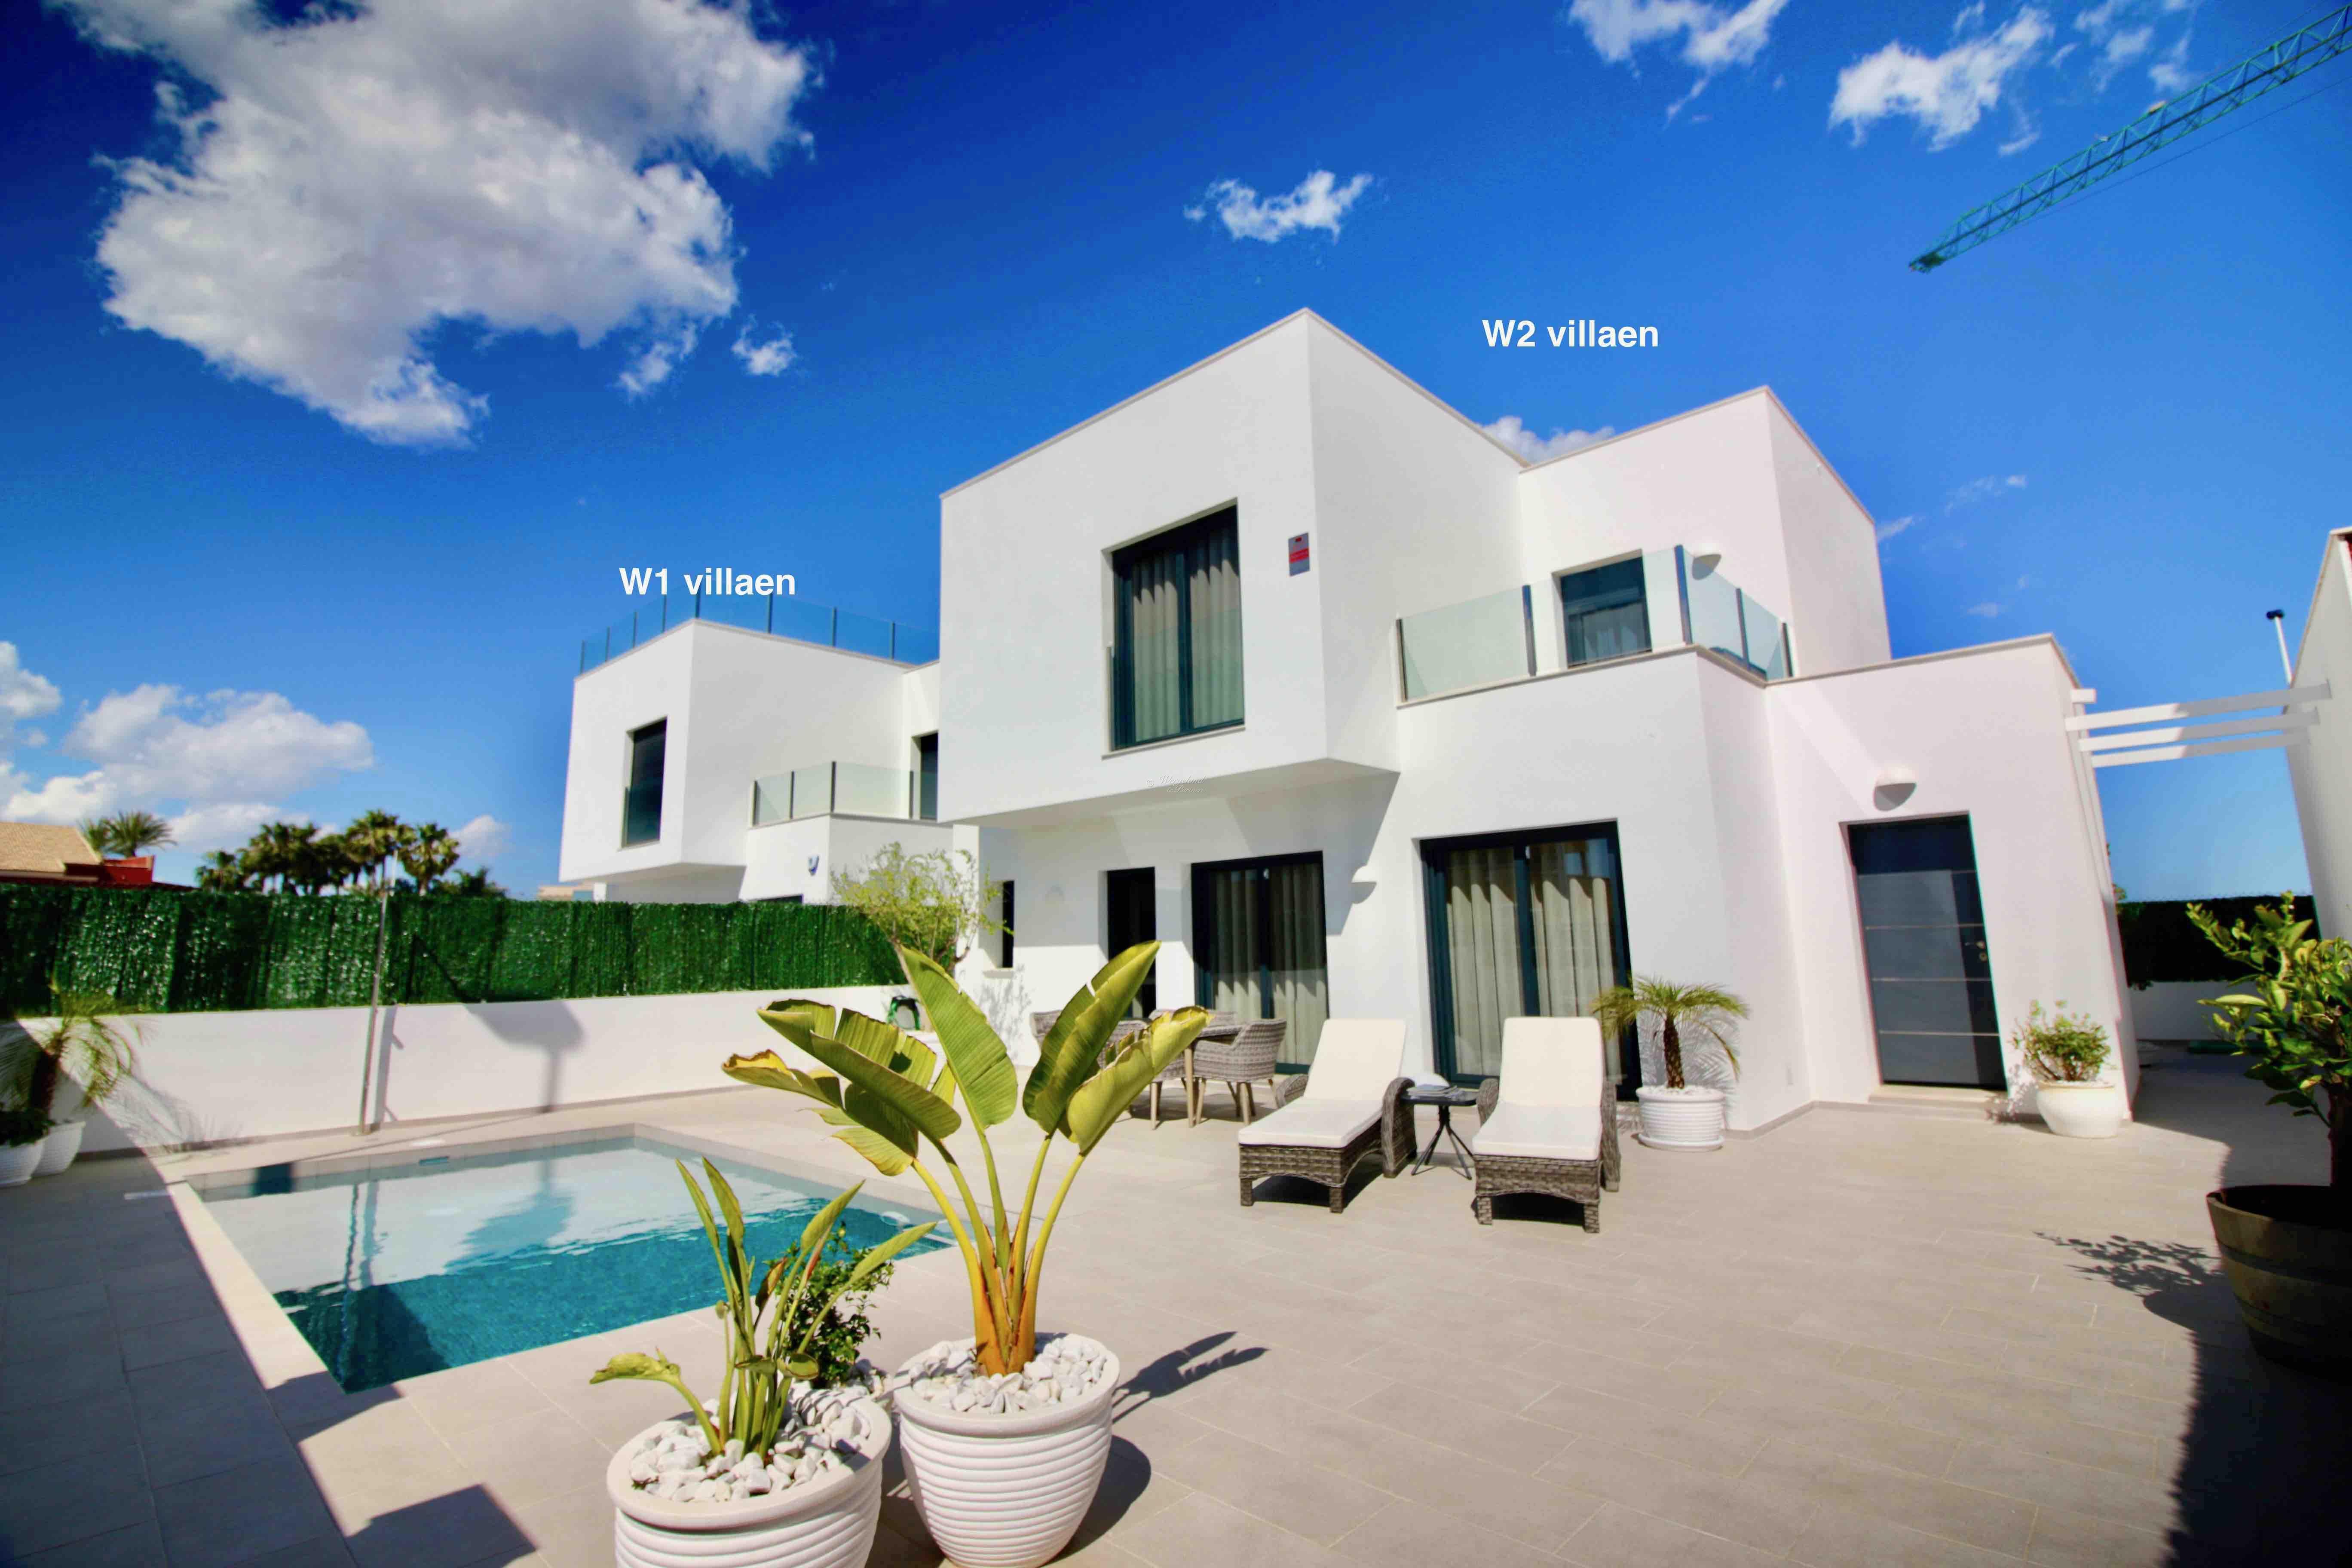 4-roms Moderne Enebolig med privat basseng- gangavstand til Middelhavets strender og spansk byliv hele året [EPVE2]